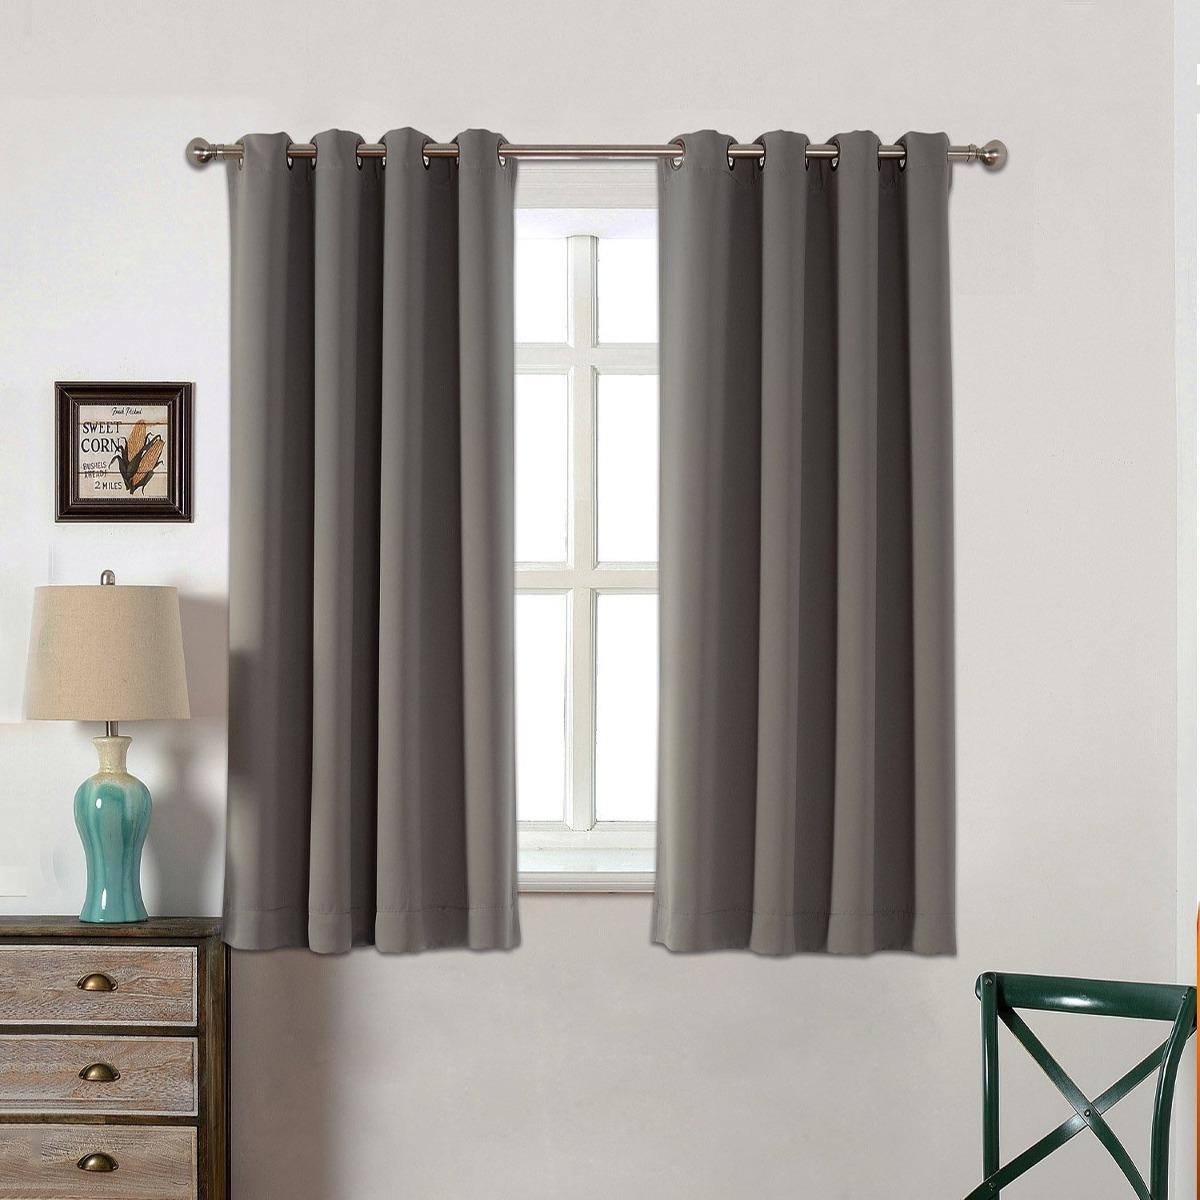 Cortinas para dormitorio acelitor 52x63 pulg gris for Cortinas para habitacion